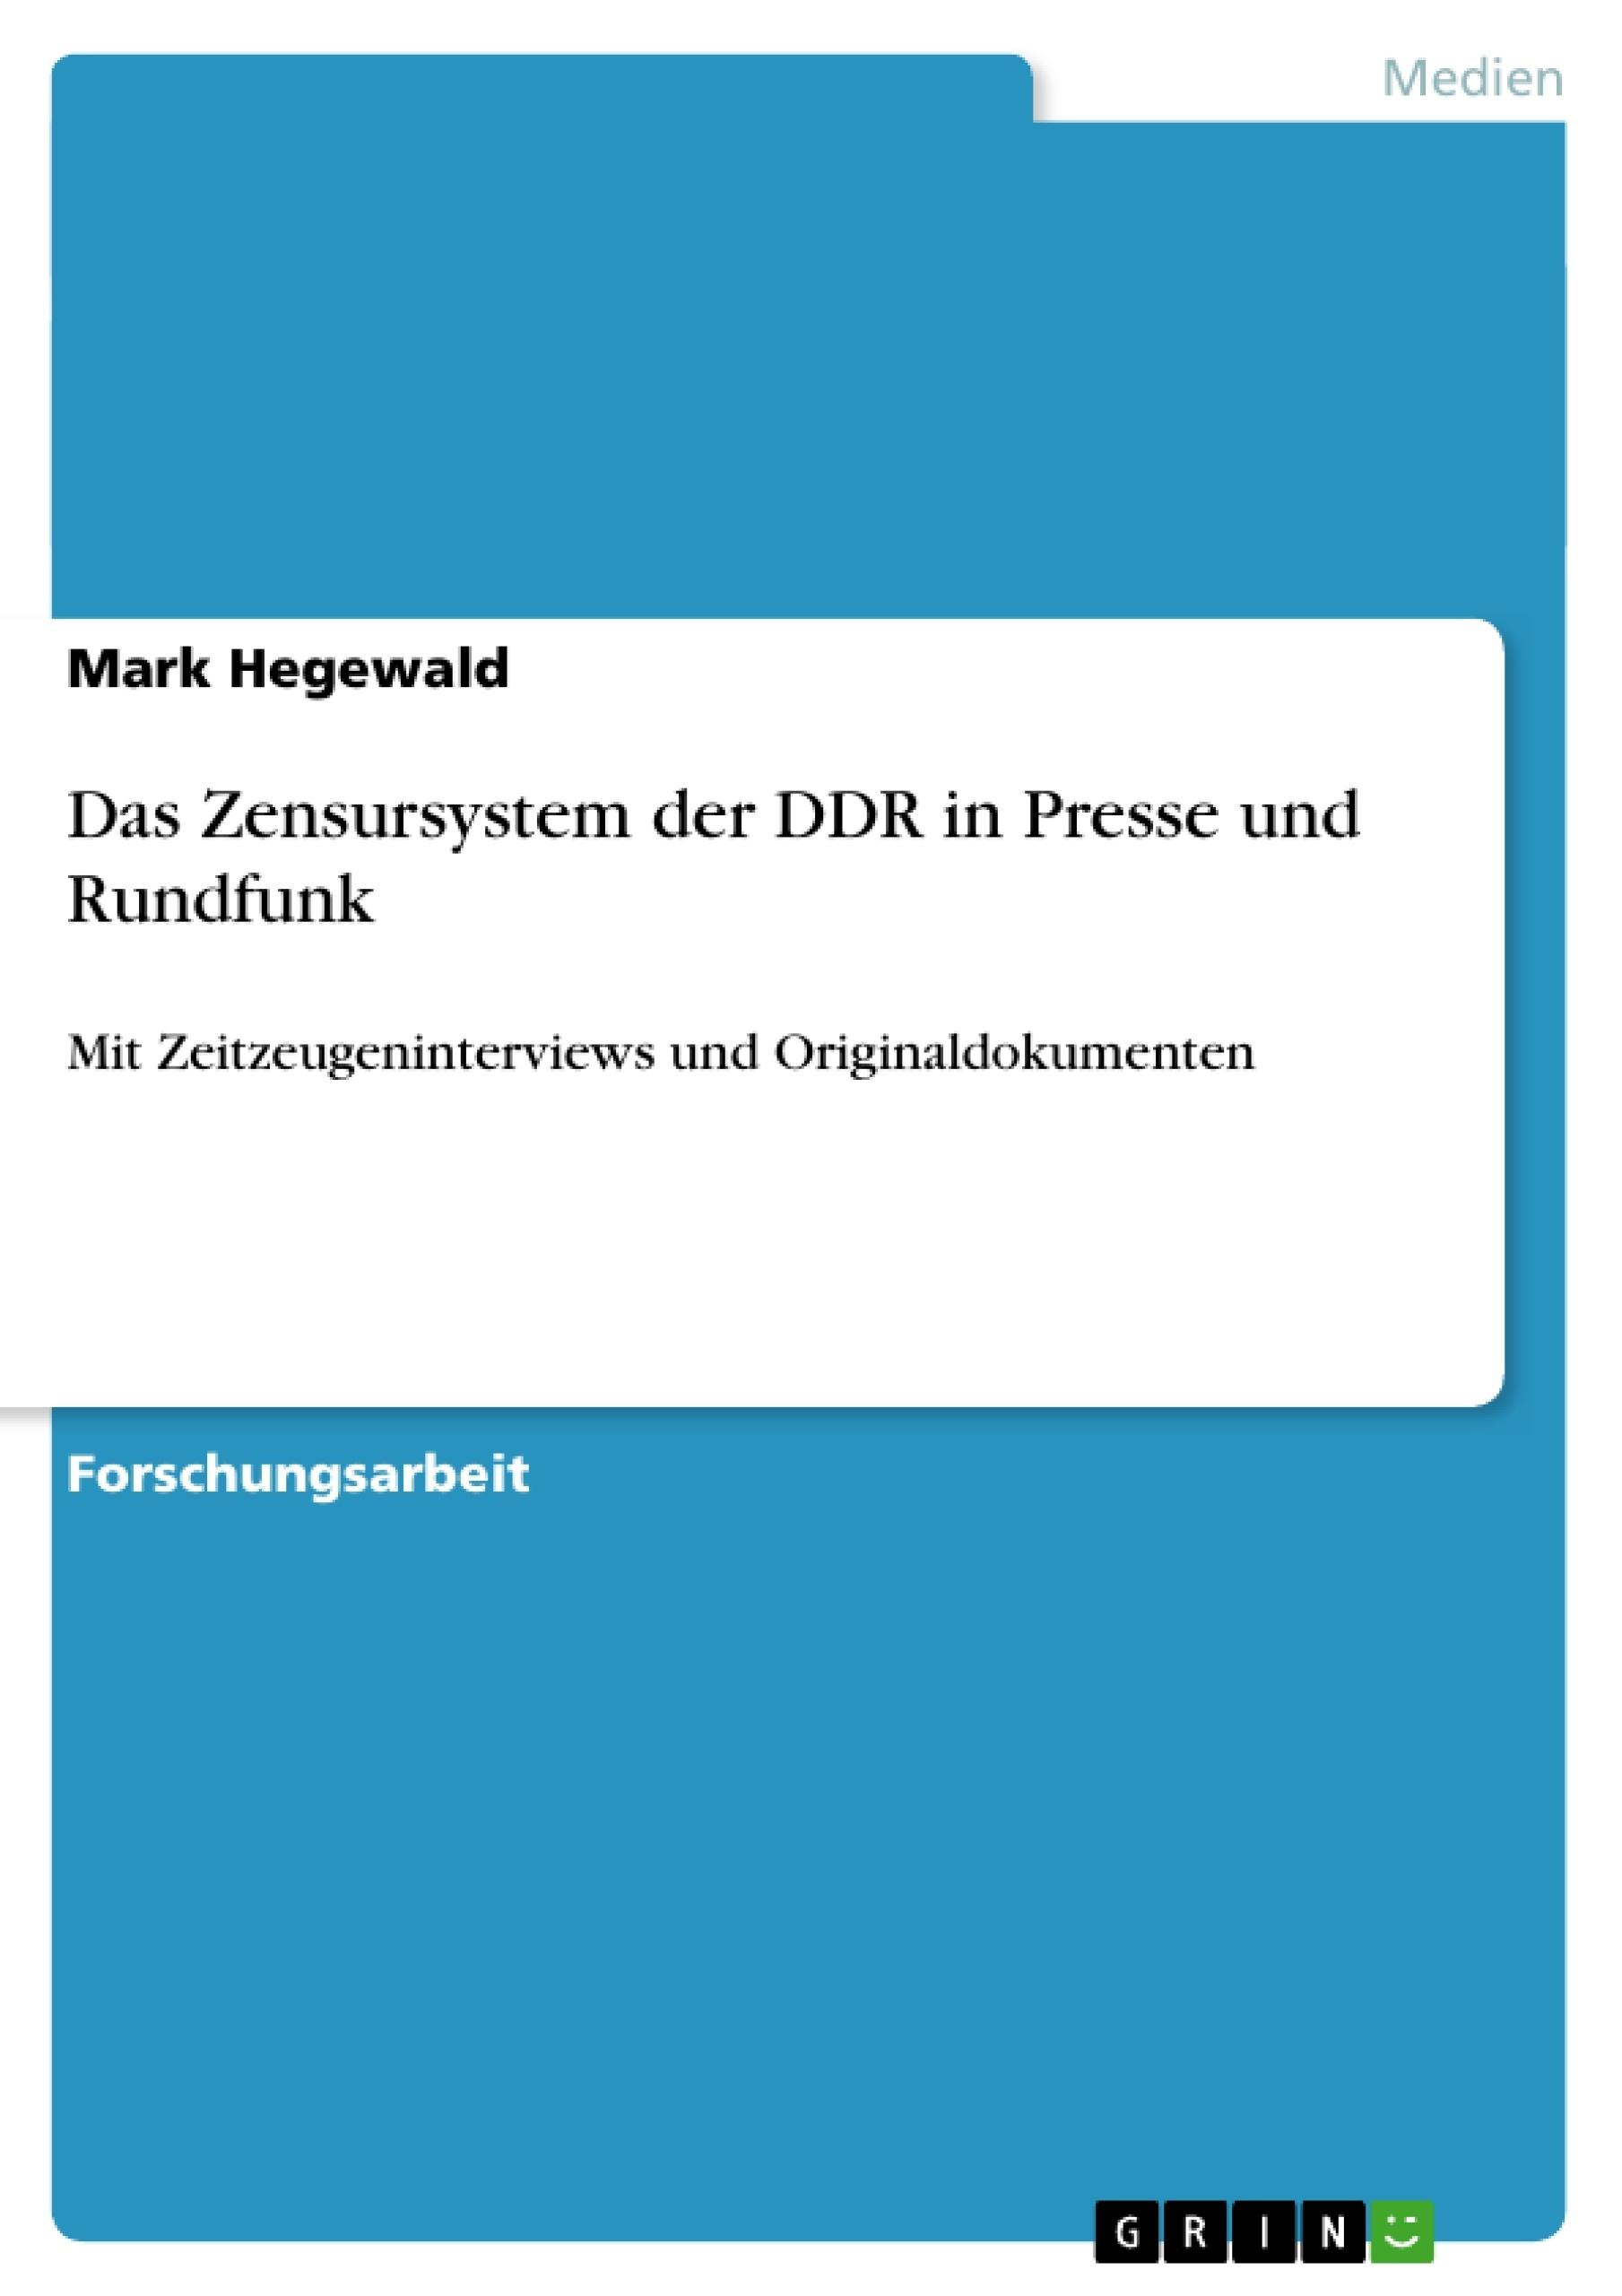 Titel: Das Zensursystem der DDR in Presse und Rundfunk